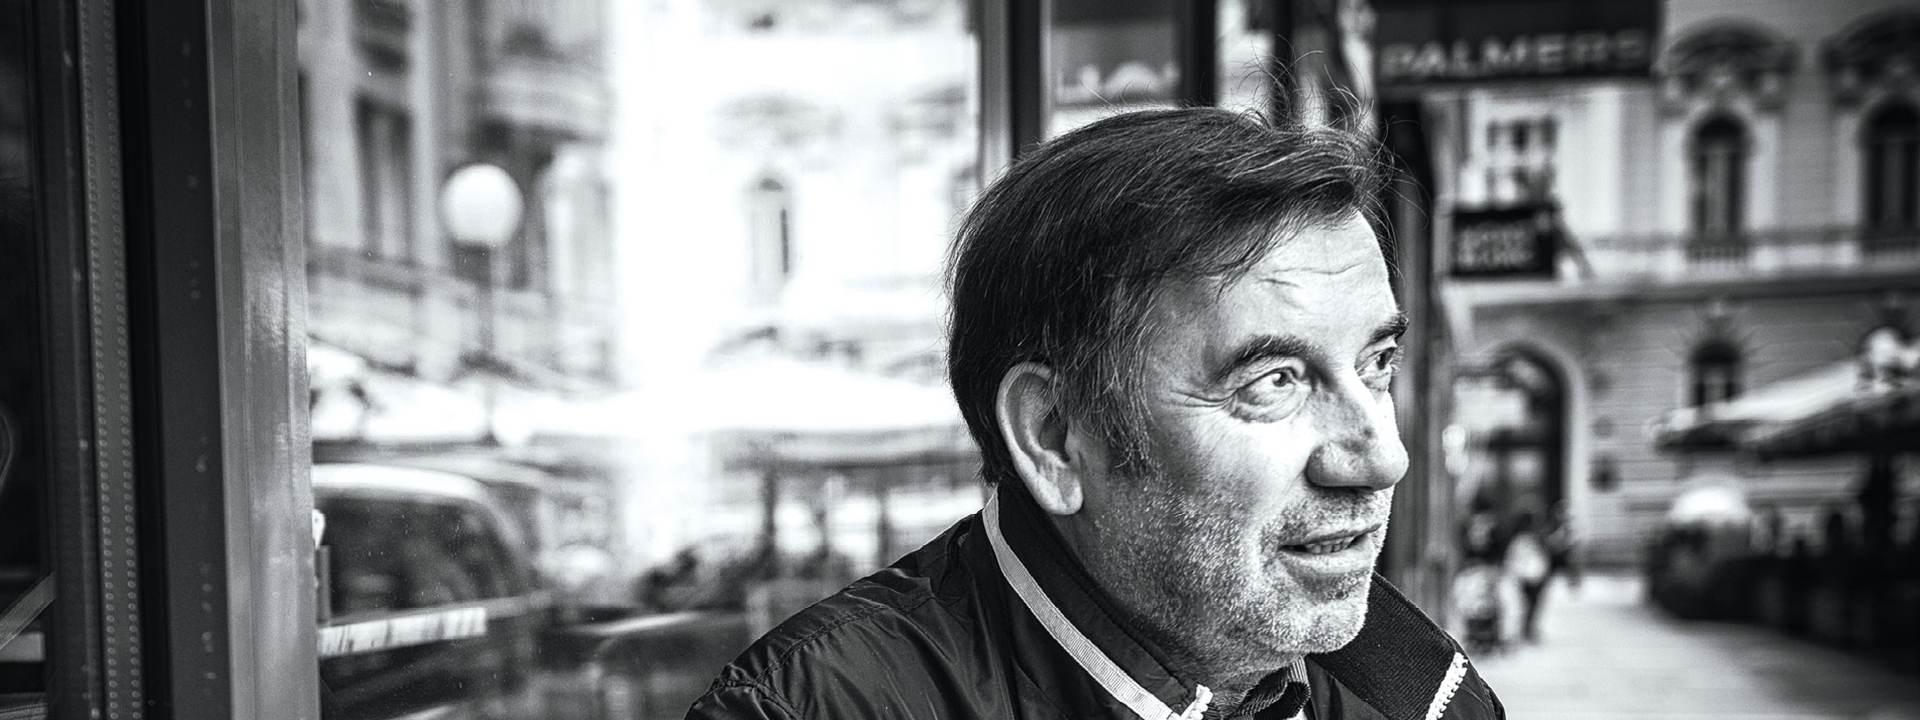 ZORAN ŠKUGOR: 'Hrvatsku dance scenu stvorio sam po Tuđmanovu nalogu, a potom su me napali ZAMP i Josipović '